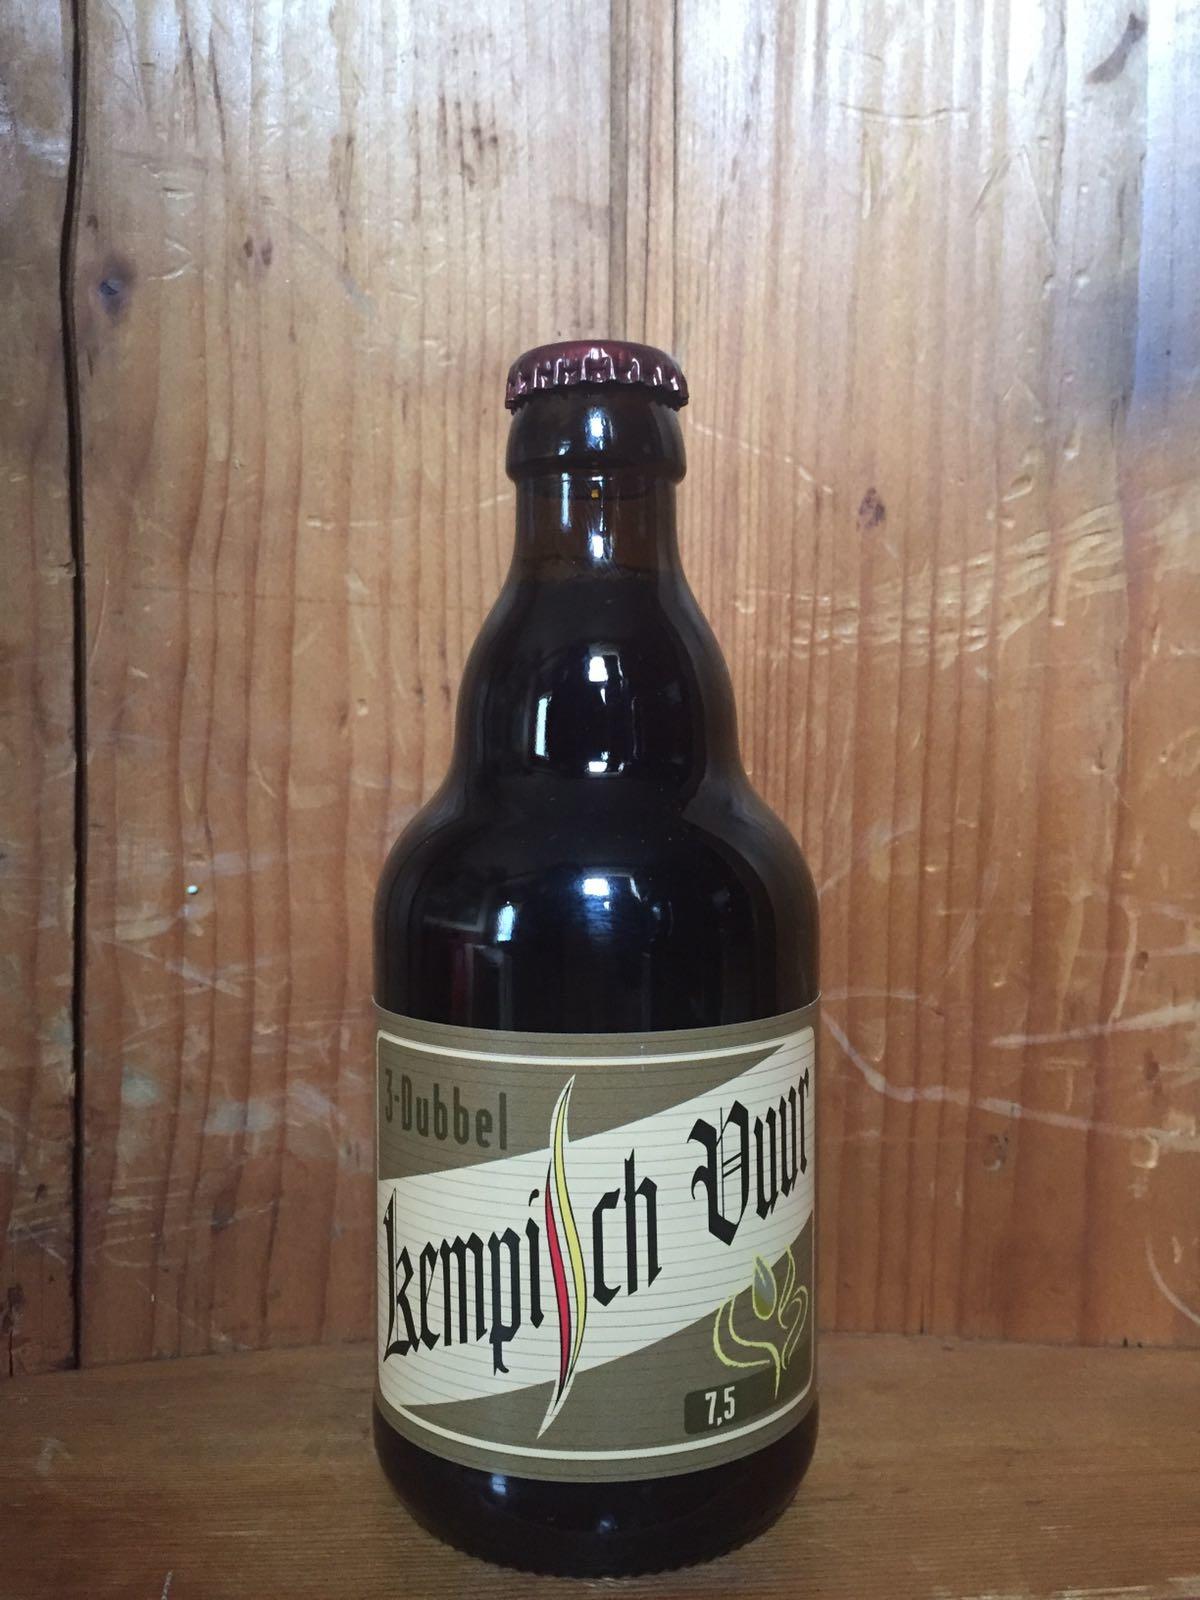 Kempisch Vuur 3-dubbel Herkomst: Zandhoven, België De kleur lijkt op ongepoetst koper. Het bier is op de markt gezet als een dubbel maar als je hem blind proeft lijkt het ook wel op een zwaar blond. De smaak heeft toetsen van honing en zoethout, de geur wordt gevormd door toetsen koper en gesmeerde fietsketting. Het bier is afkomstig van brouwerij Pirlot en is naast een brouwerij ook een stokerij. Wat 3 dubbel betekent weten we op dit moment niet. Het speciaalbier bevat een alcoholpercentage van 7,5%. Advies serveertemperatuur: 7 graden.